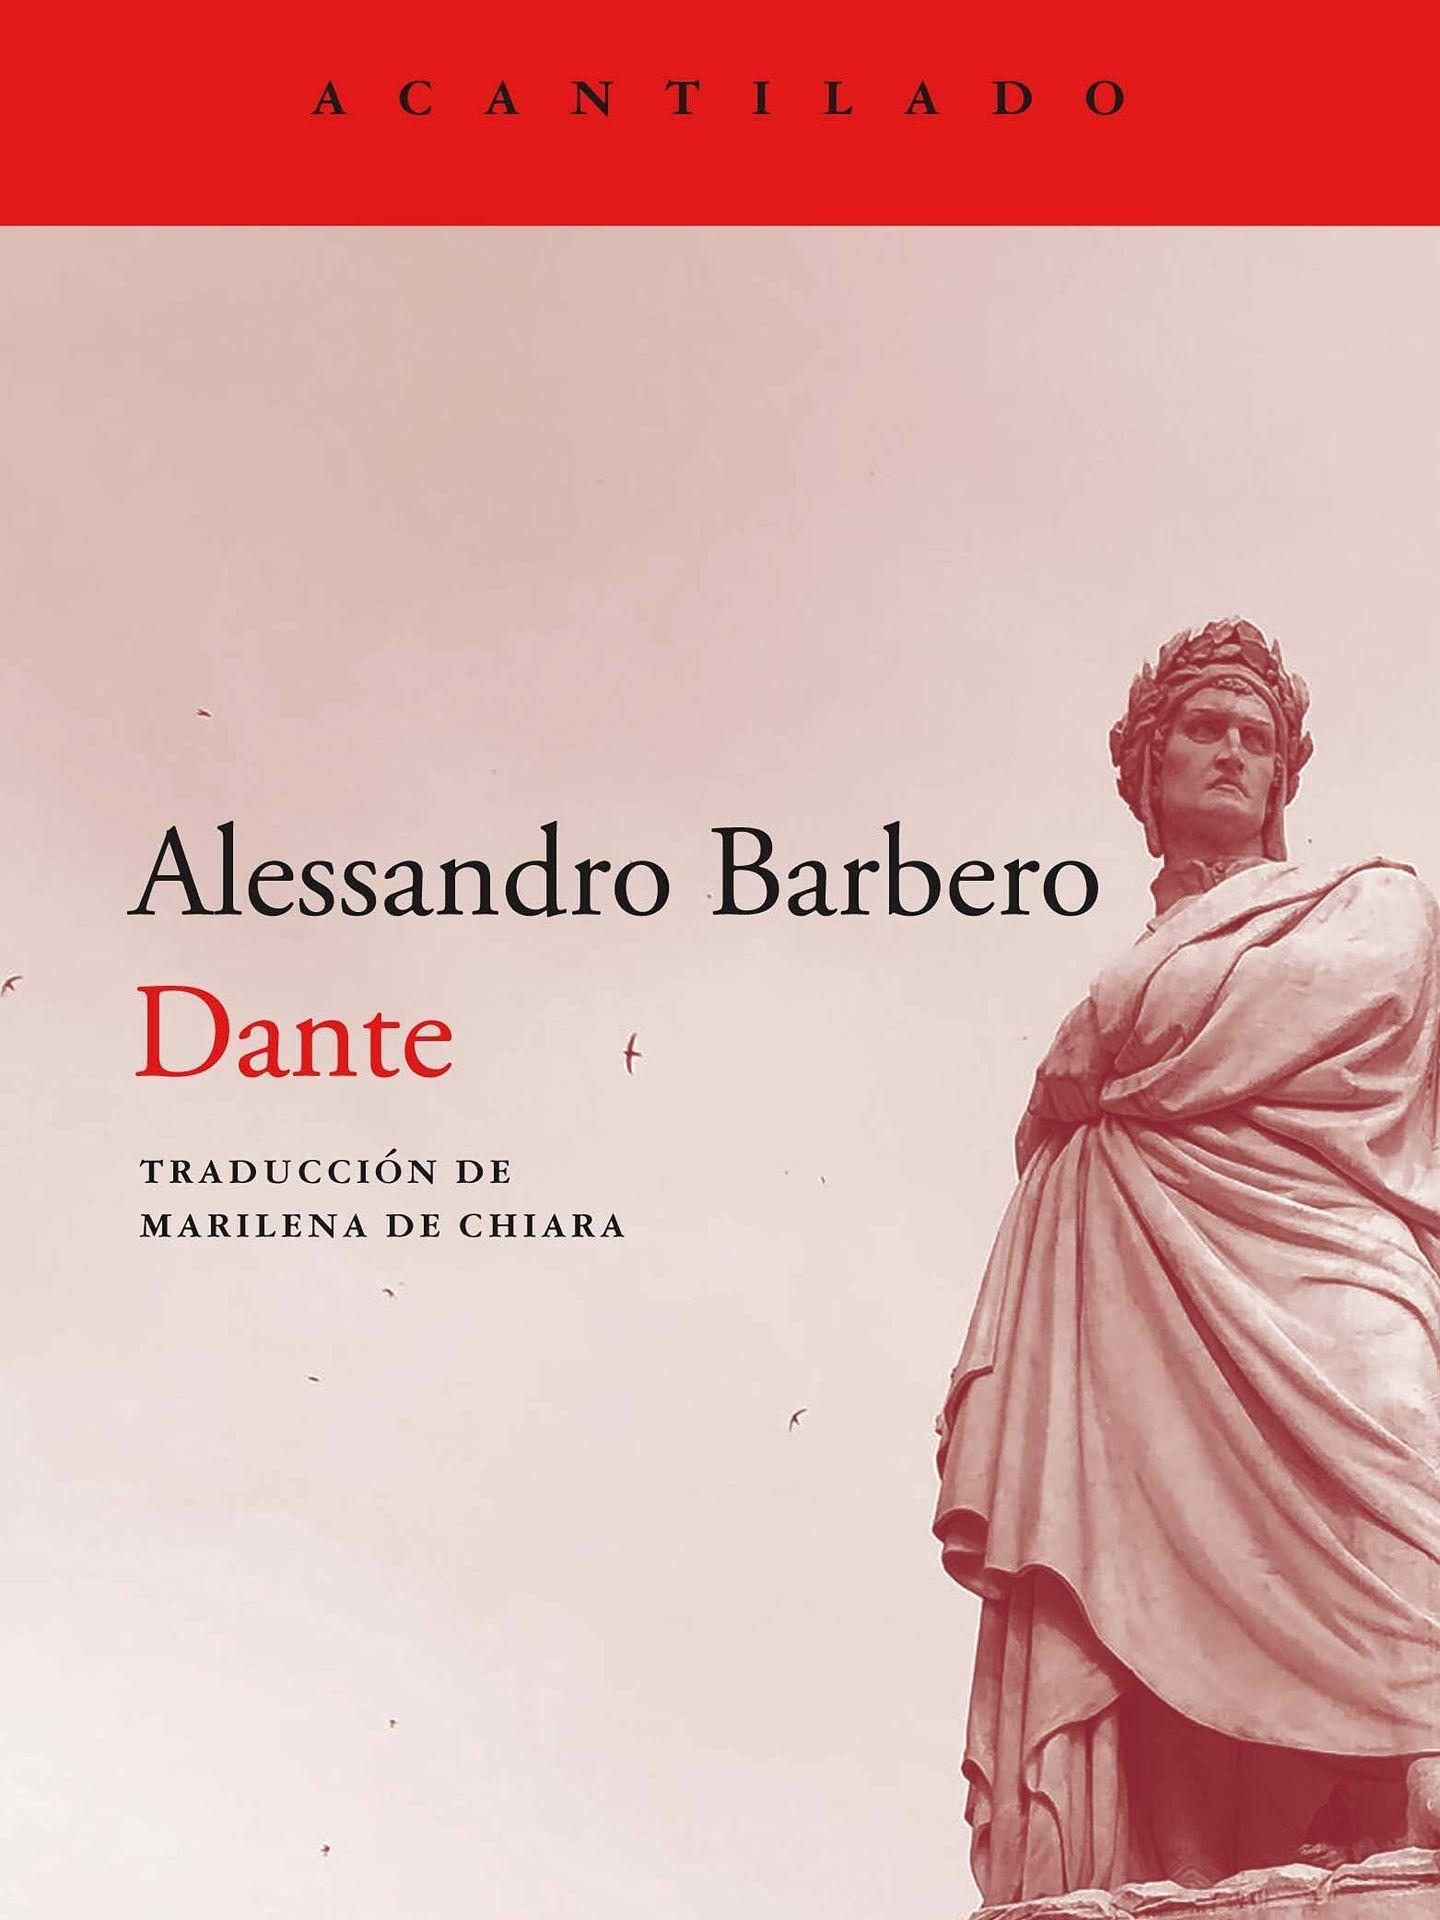 'Dante' (Acantilado)